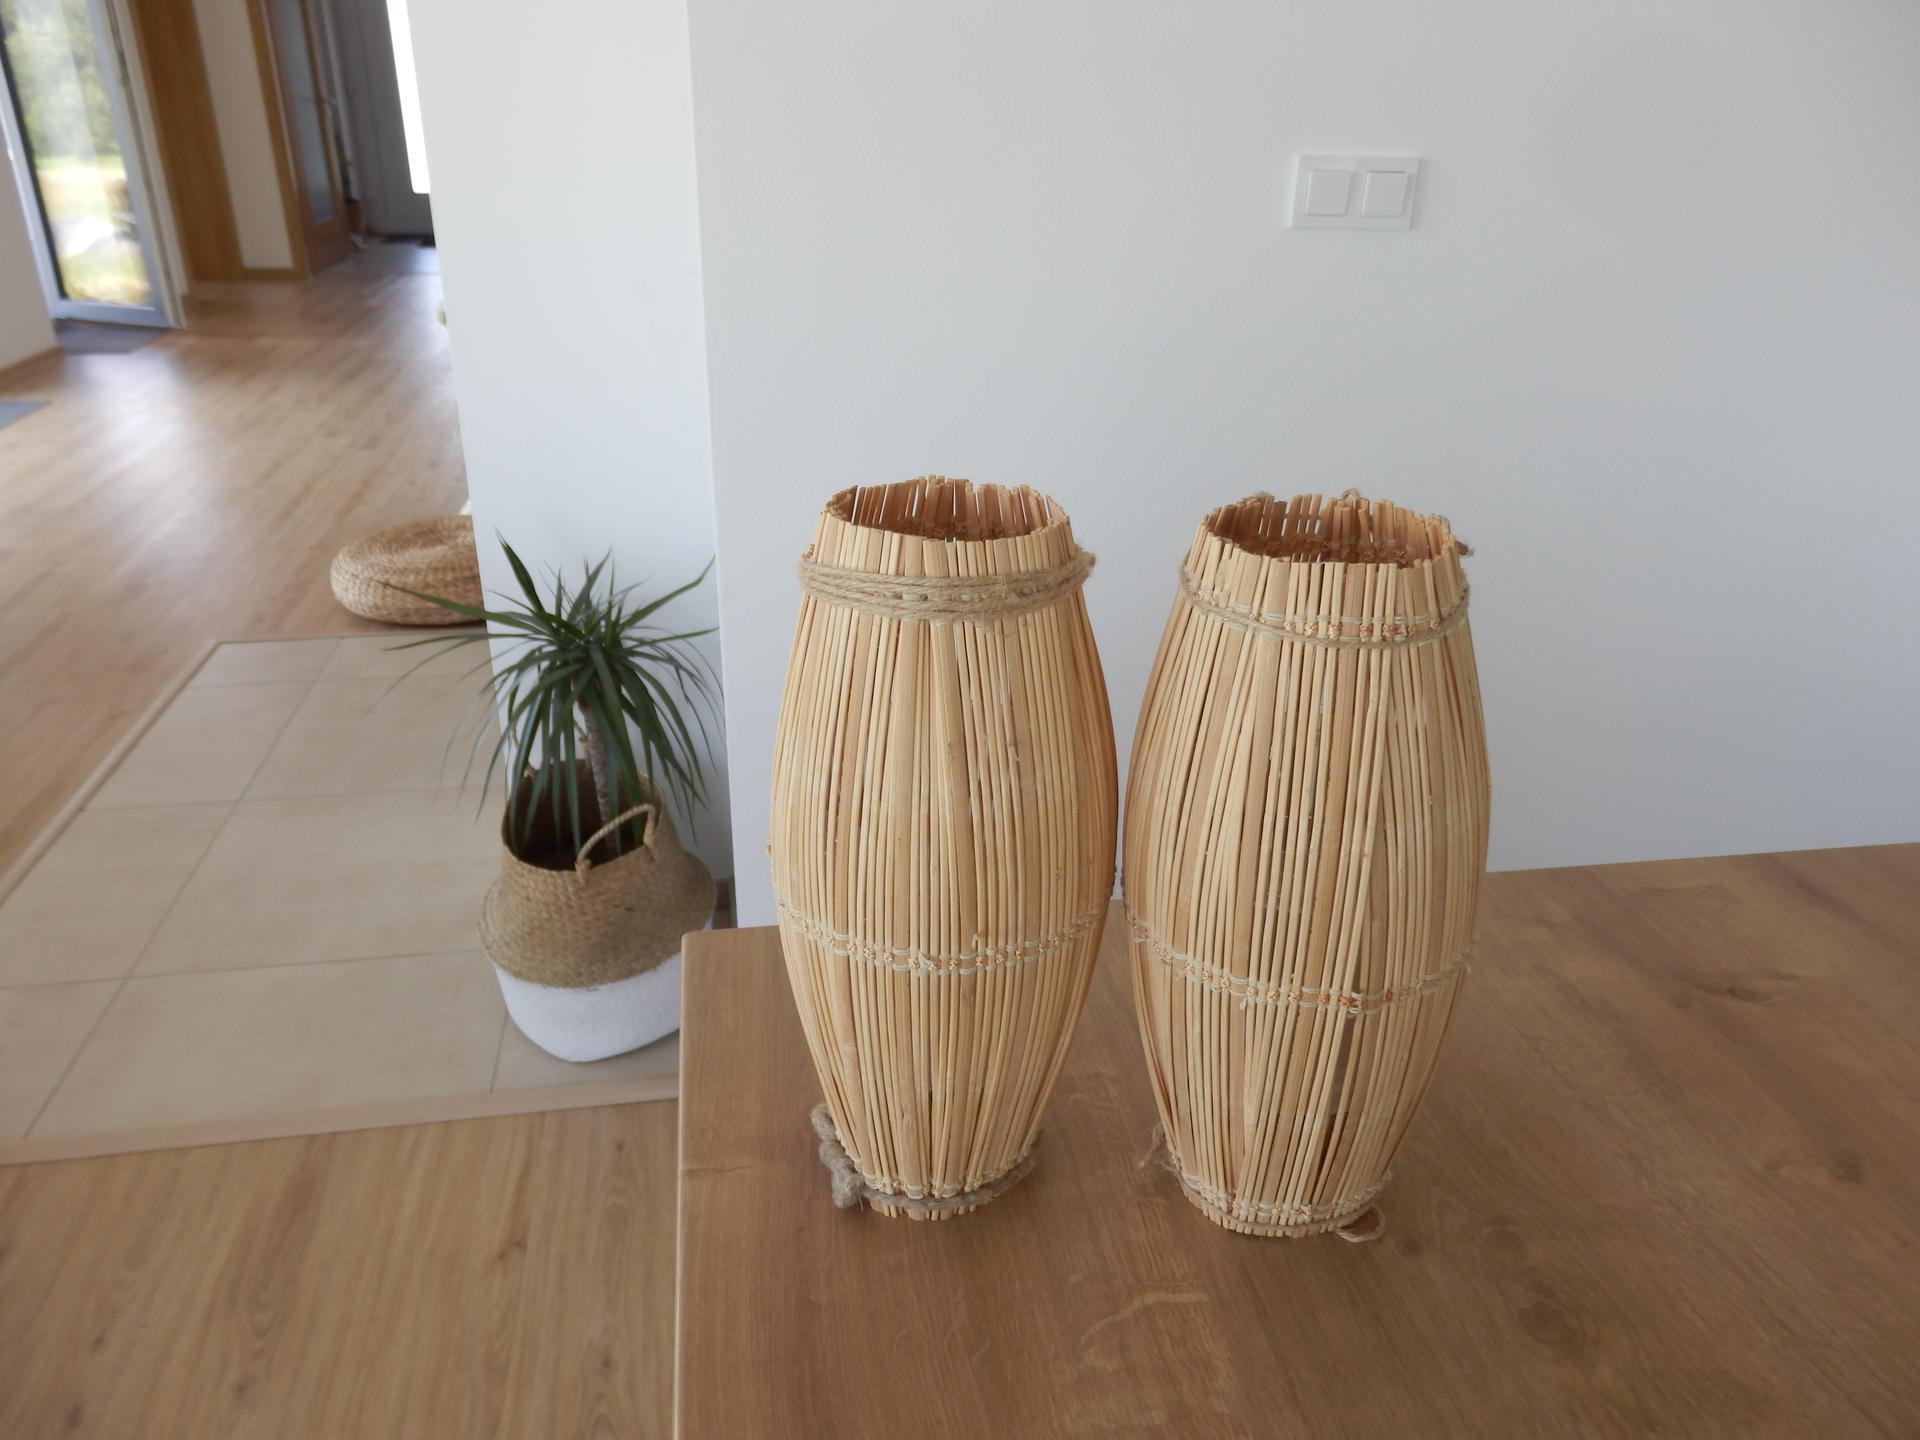 Tvoření je radost - Lucerny z bambusového prostírání. Vnitřek zavařovací sklenice. Svázáno provázkem. :-)